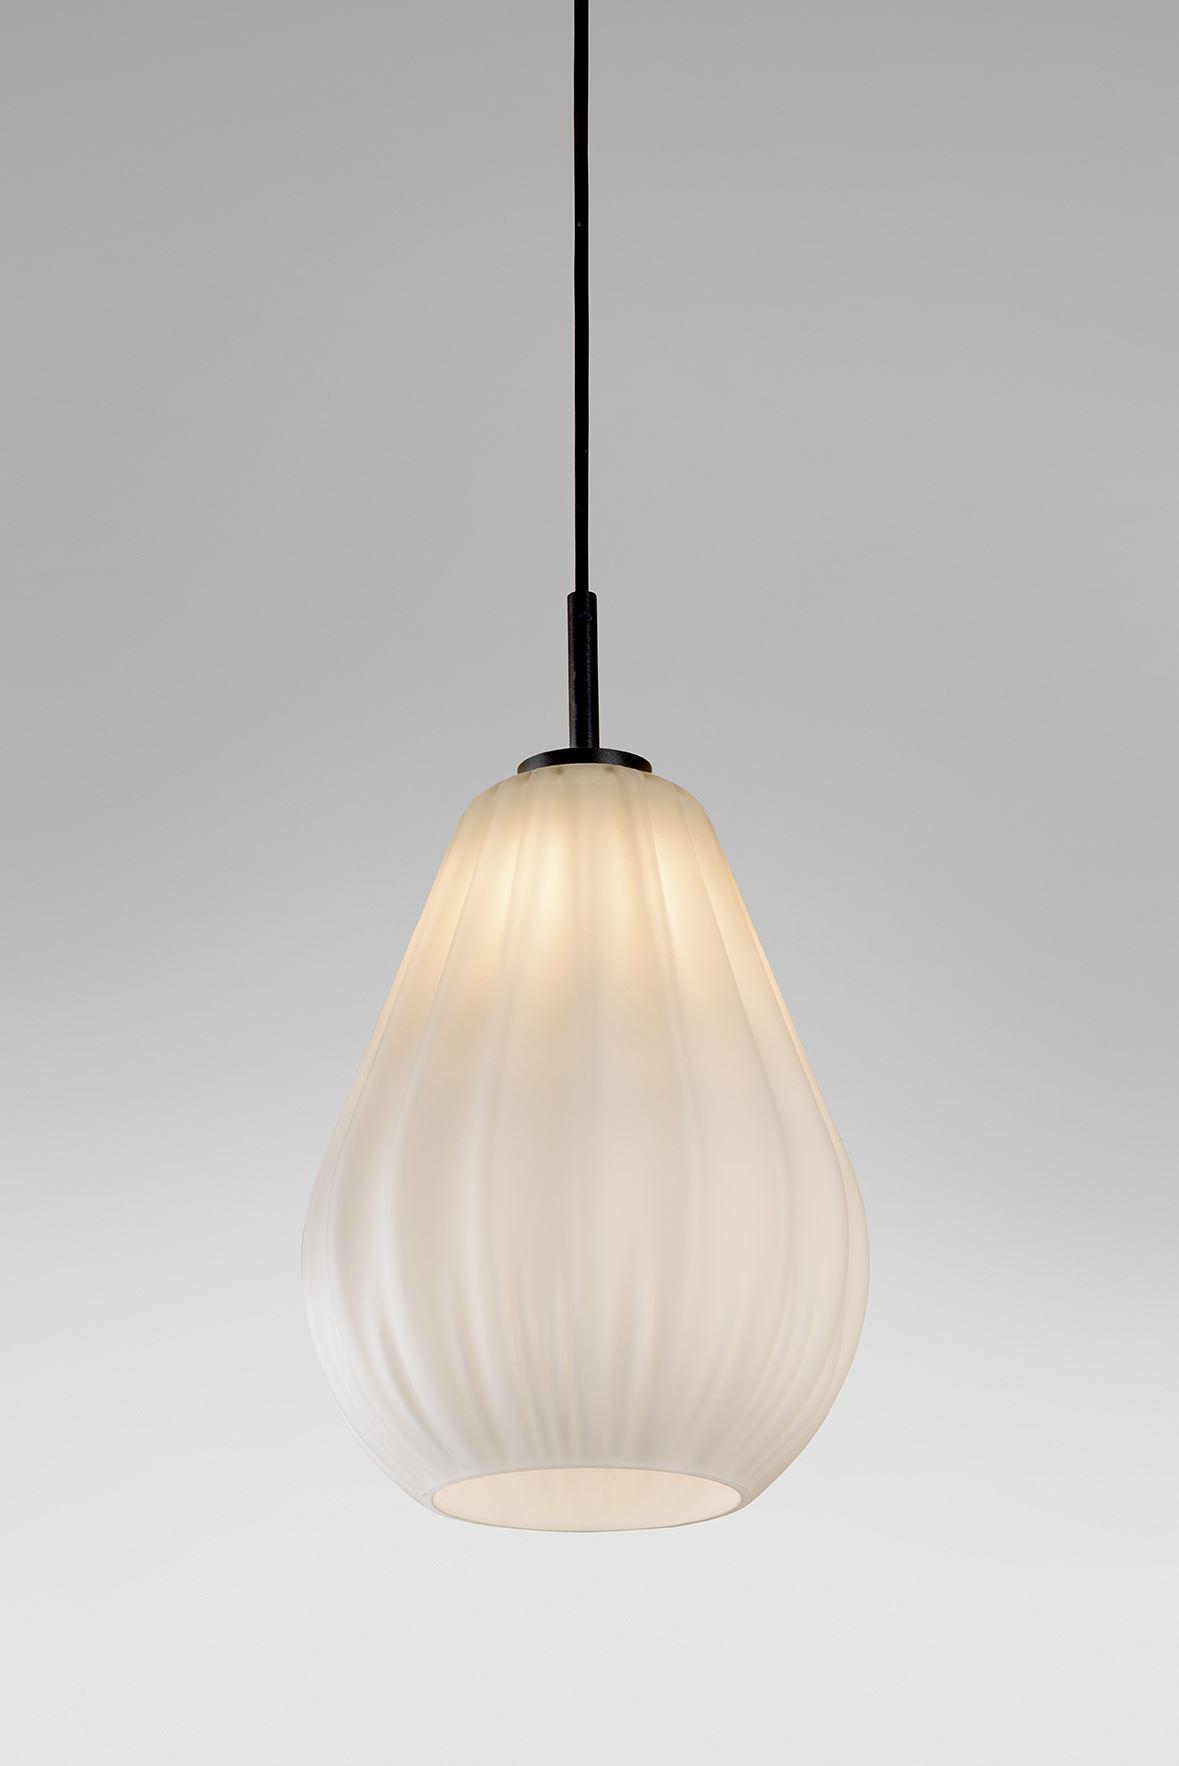 גופי תאורה בקטגוריית: צילינדרים  ,שם המוצר: ספיר טיפה נפוח